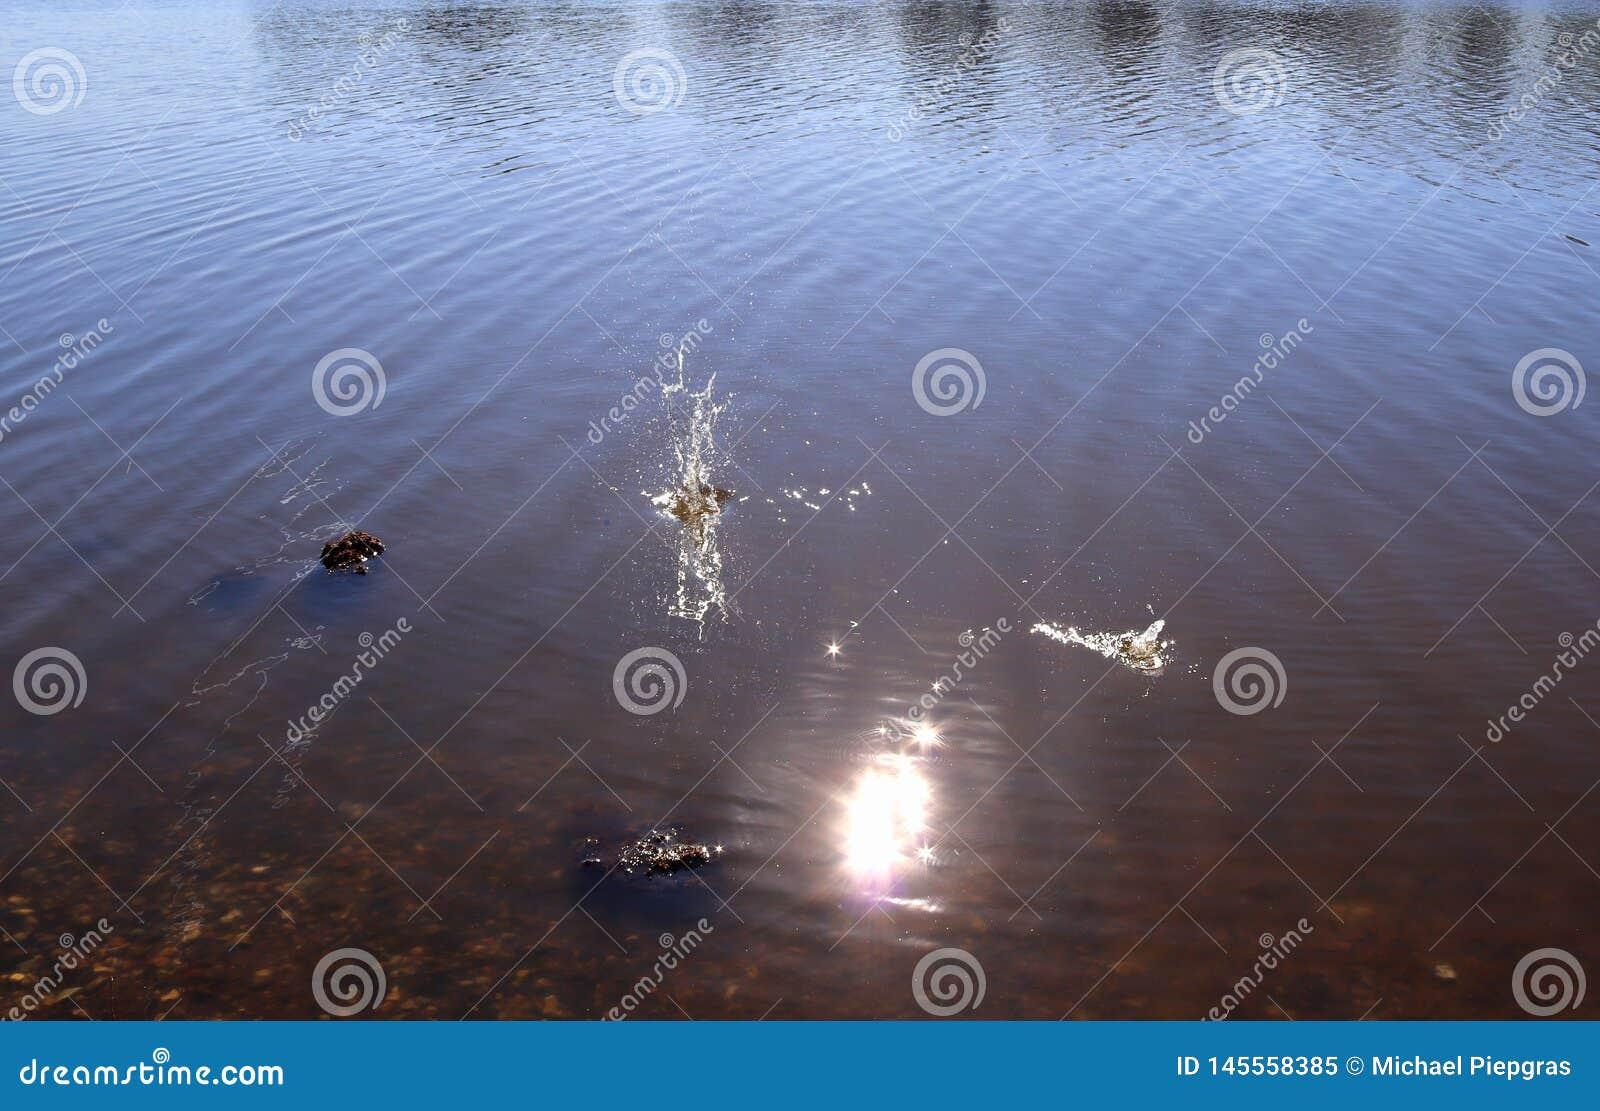 Superf?cie azul da ?gua do lago com ondinhas e artigo do espirro que cai nele ao refletir a luz solar